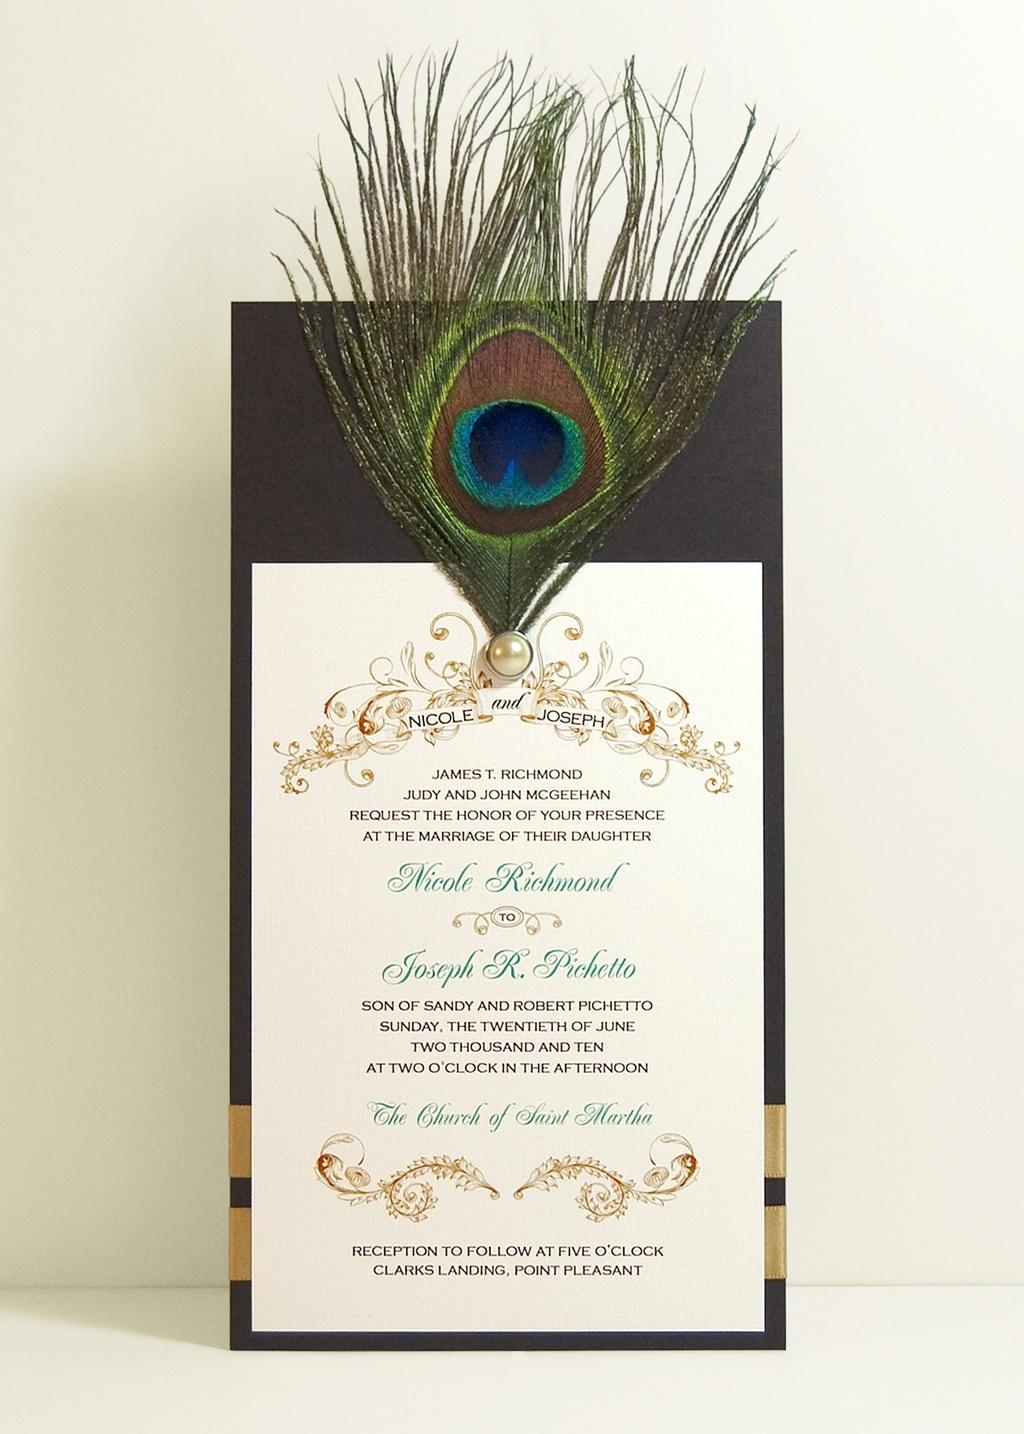 Dossiea_richmond-pichetto_invite.full